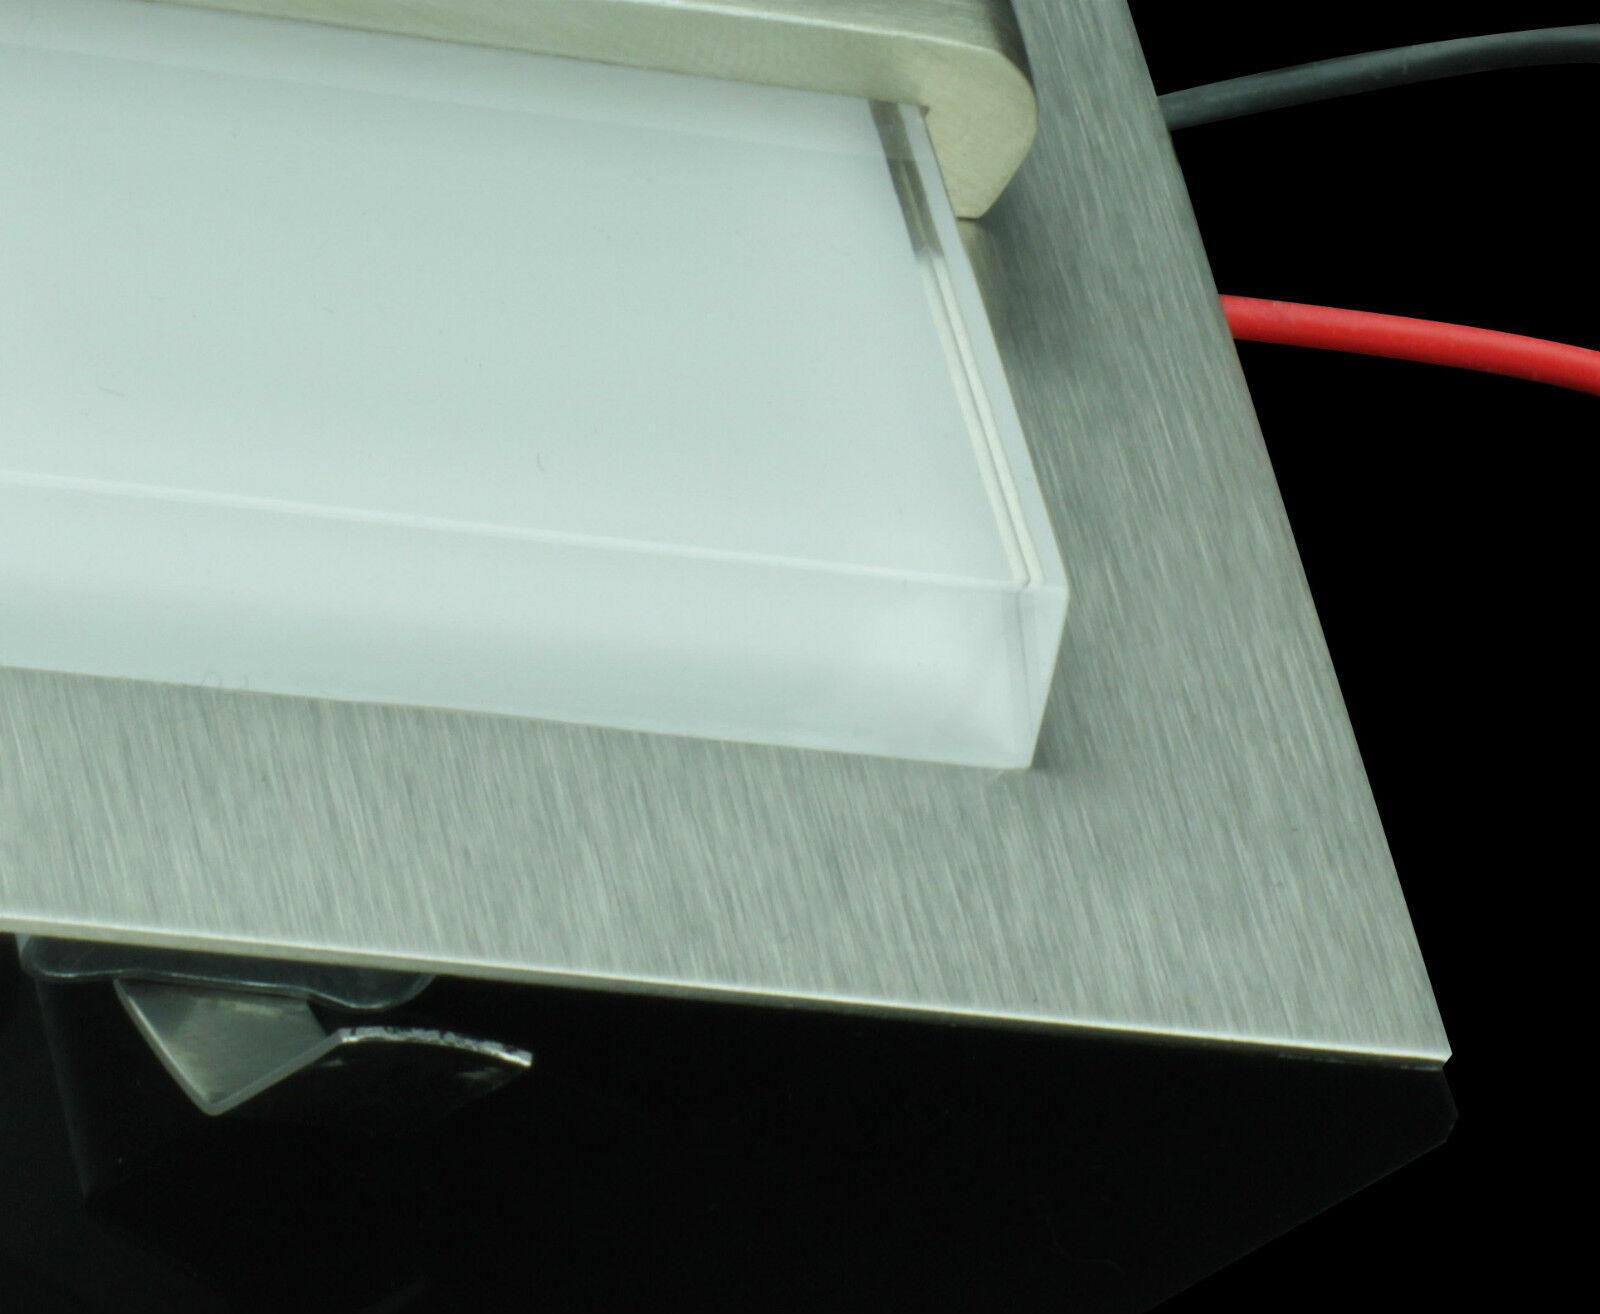 LUNEX DIAMOND DESIGN 0.8W 0.8W DESIGN LED ENCASTRÉ MUR LUMIÈRE ESCALIERS, COULOIRS 7 COULEURS b6b8d0